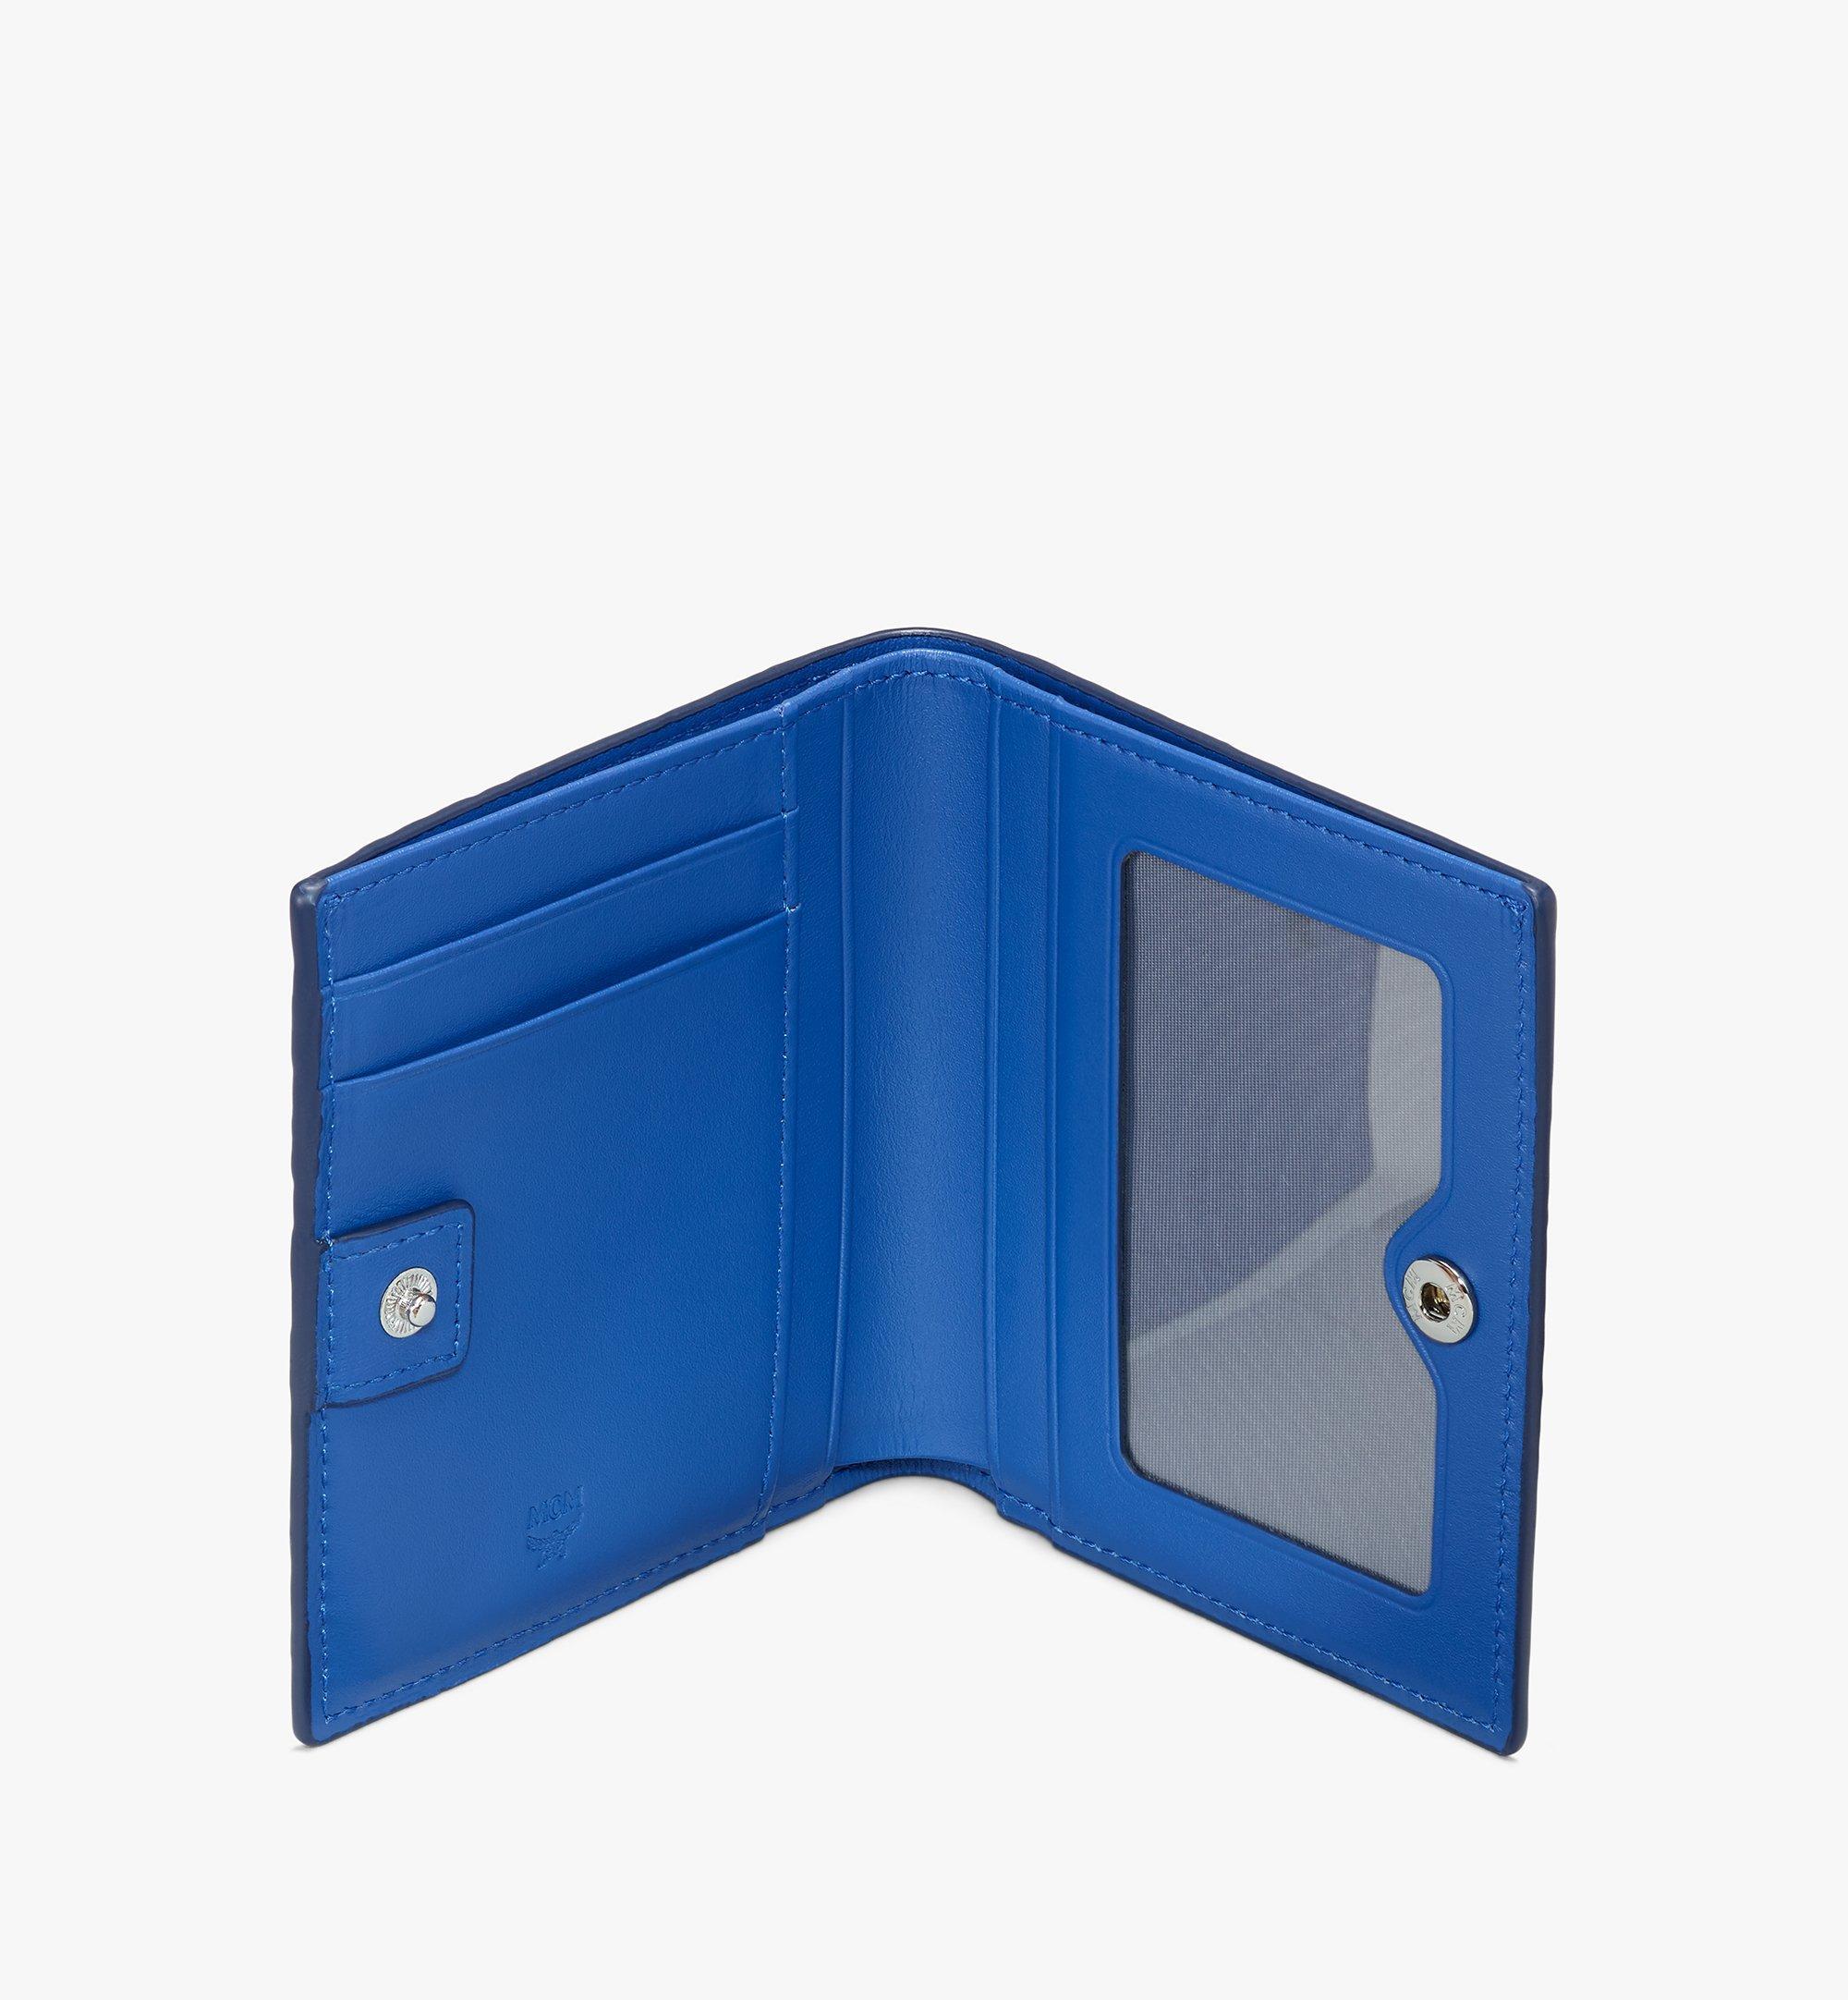 MCM Visetos 皮革 Claus 雙折錢包 Blue MYSASVI01H1001 更多視圖 2